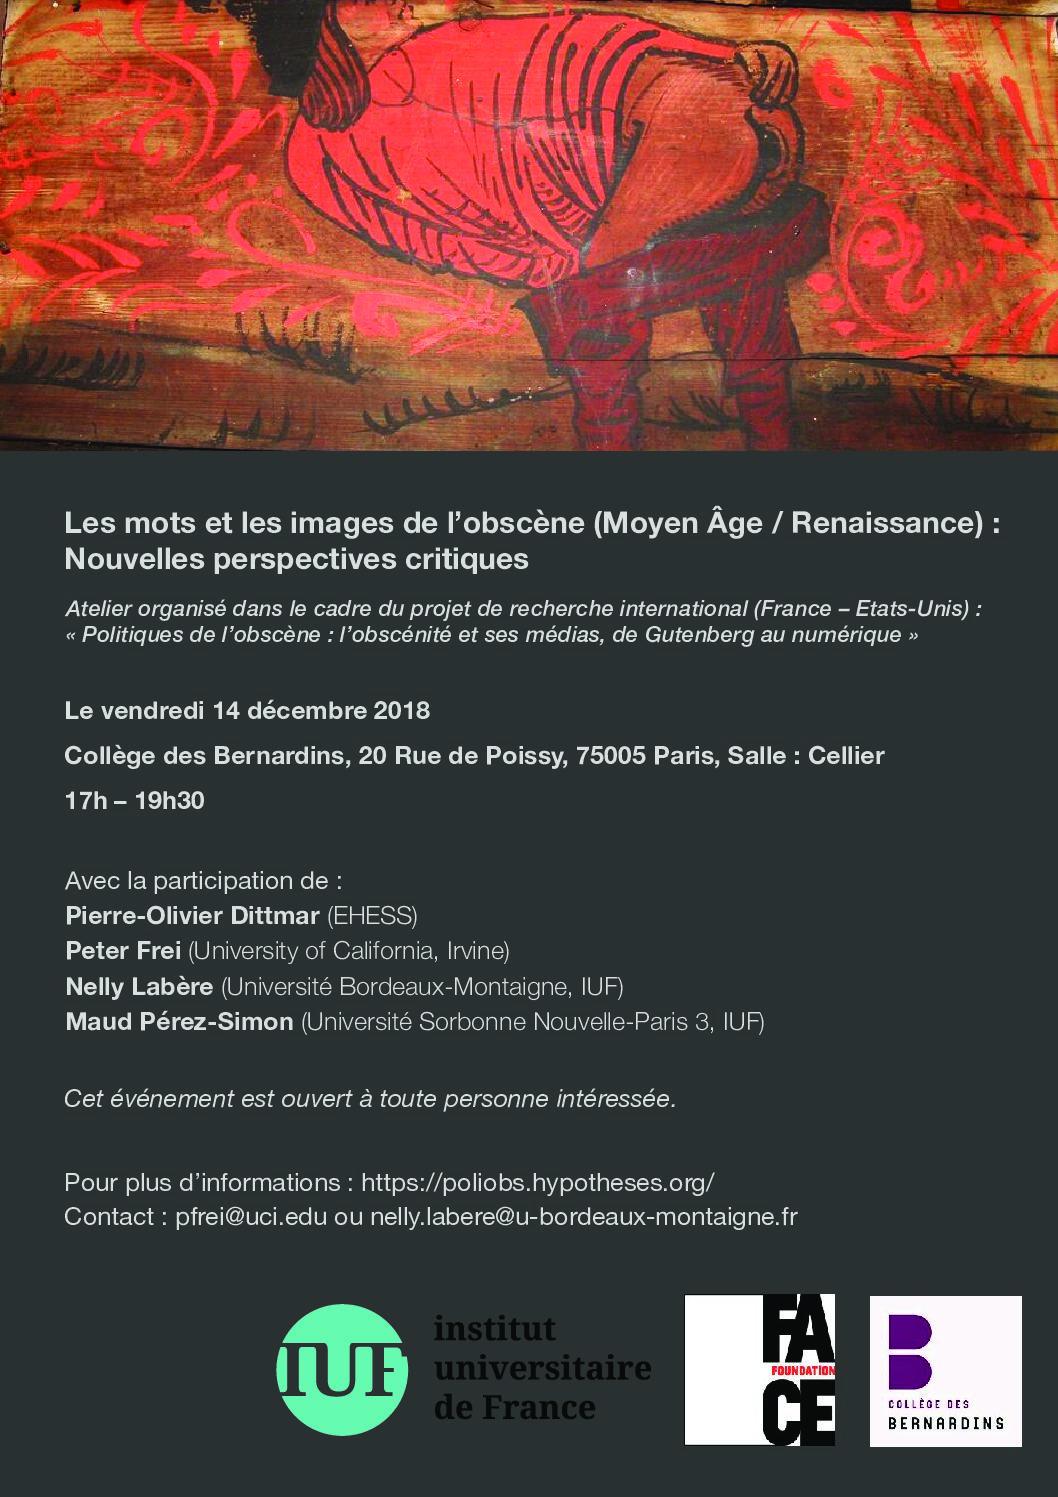 Les mots et les images de l'obscène (Moyen Âge / Renaissance). Nouvelles perspectives critiques (Paris)